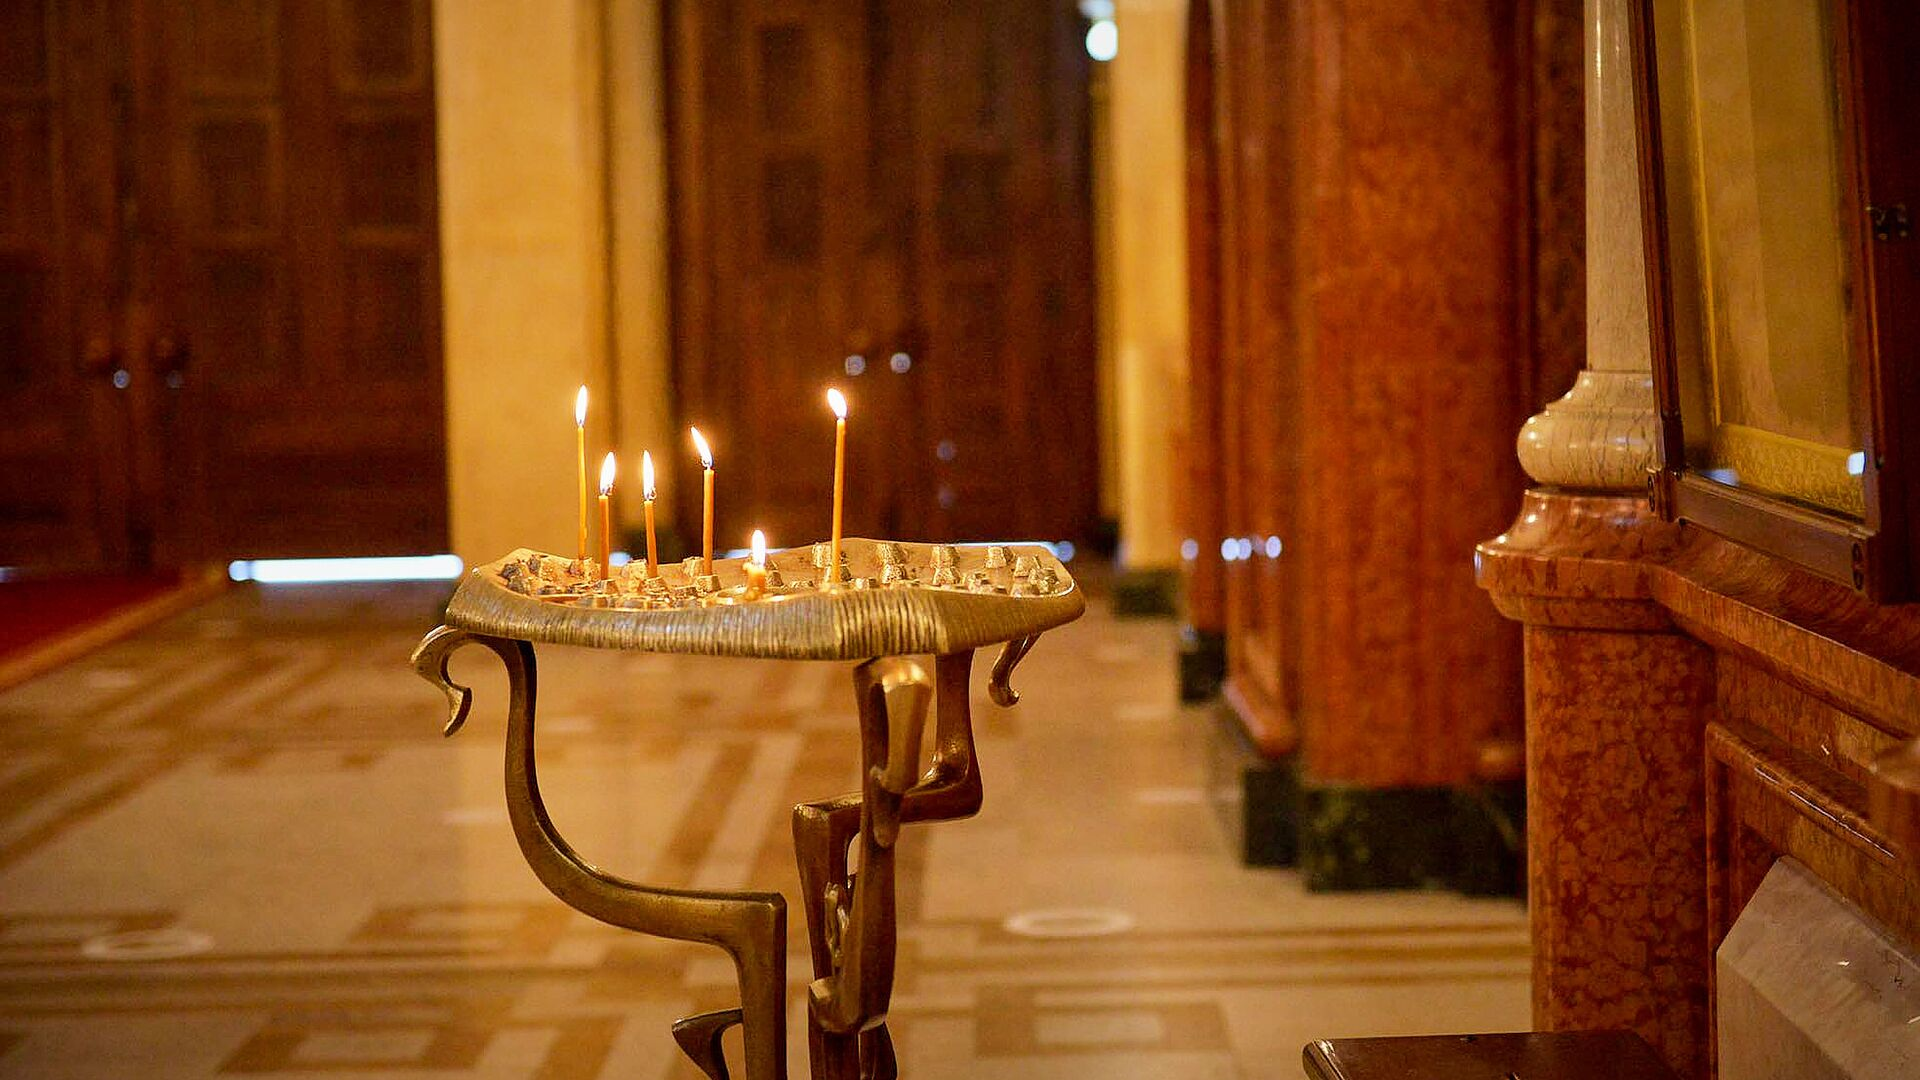 Горящие свечи в храме. Кафедральный собор Святой Троицы Самеба во время карантина - Sputnik Грузия, 1920, 01.10.2021